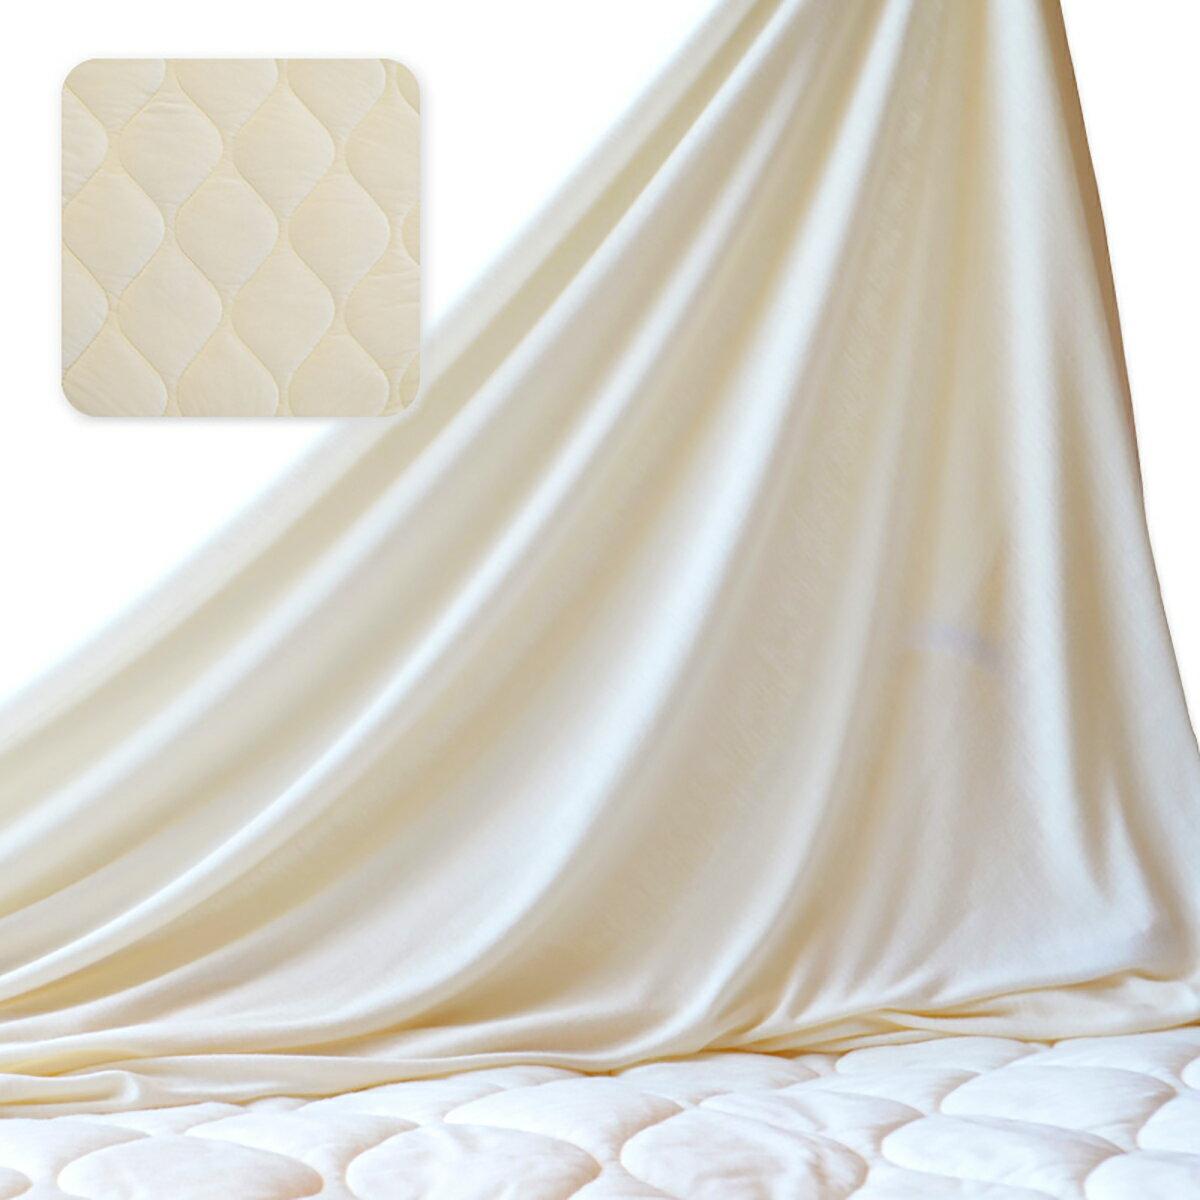 センベラ Luft(ルフト) ベッドパッド (シングルサイズ)【同梱可】【店頭受取対応商品】